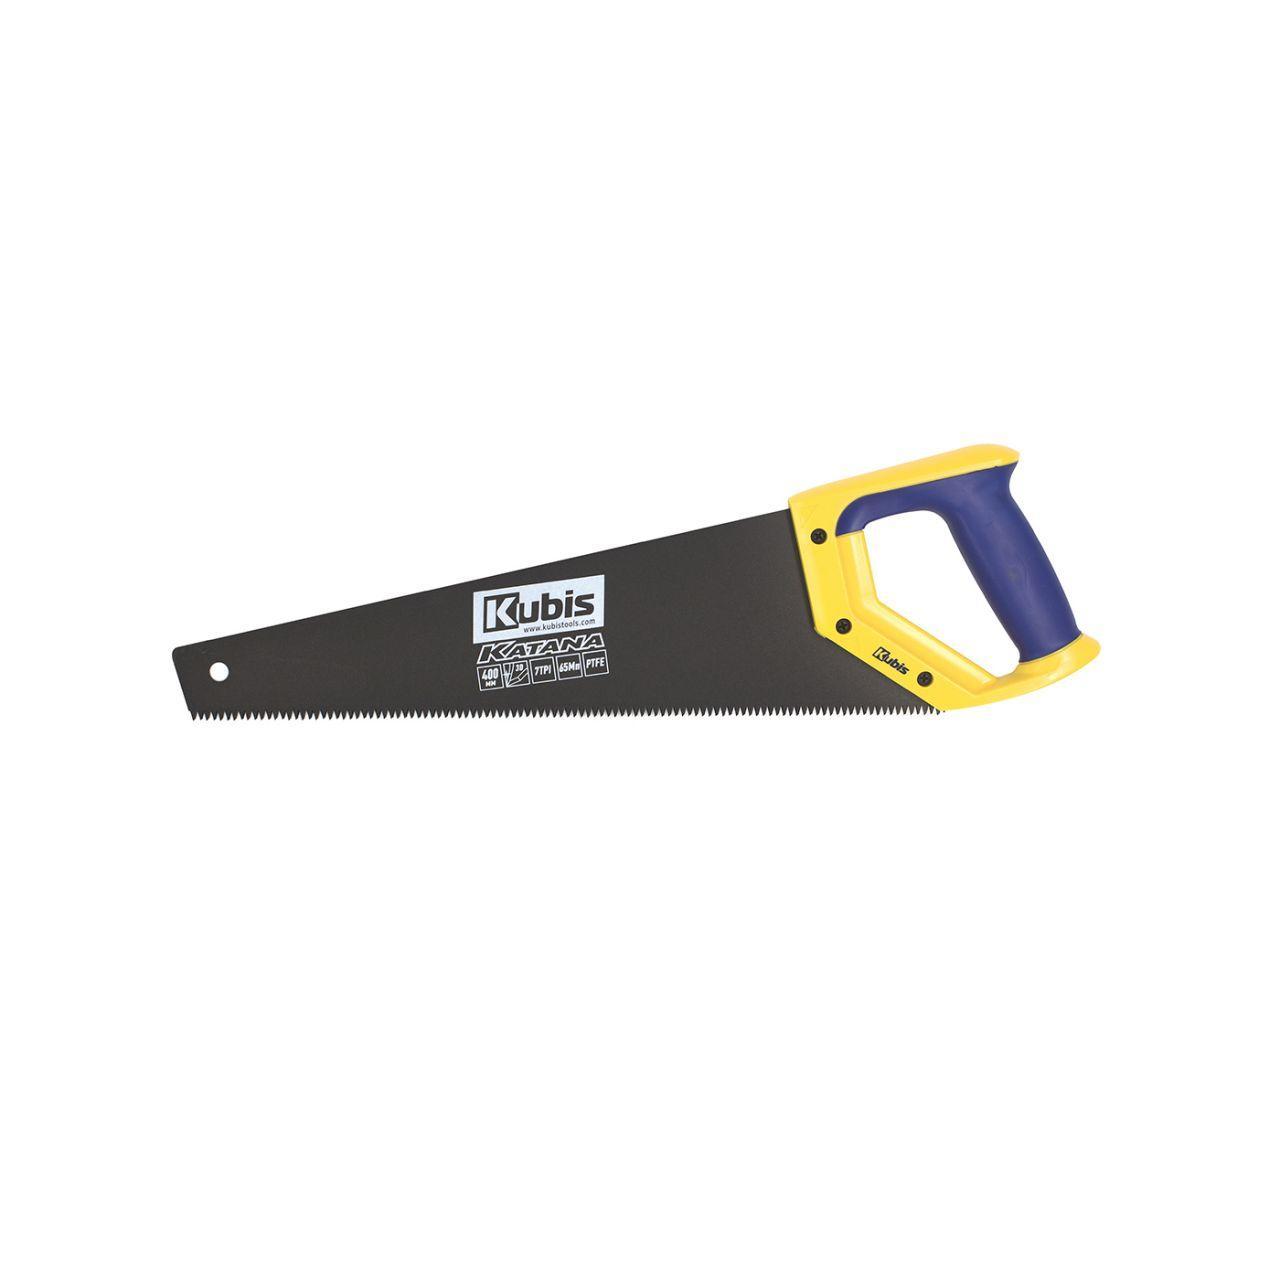 Ножівка по дереву 450 мм KATANA, тефлонове покриття, 7TPI, розжарений зуб, 3-D заточка